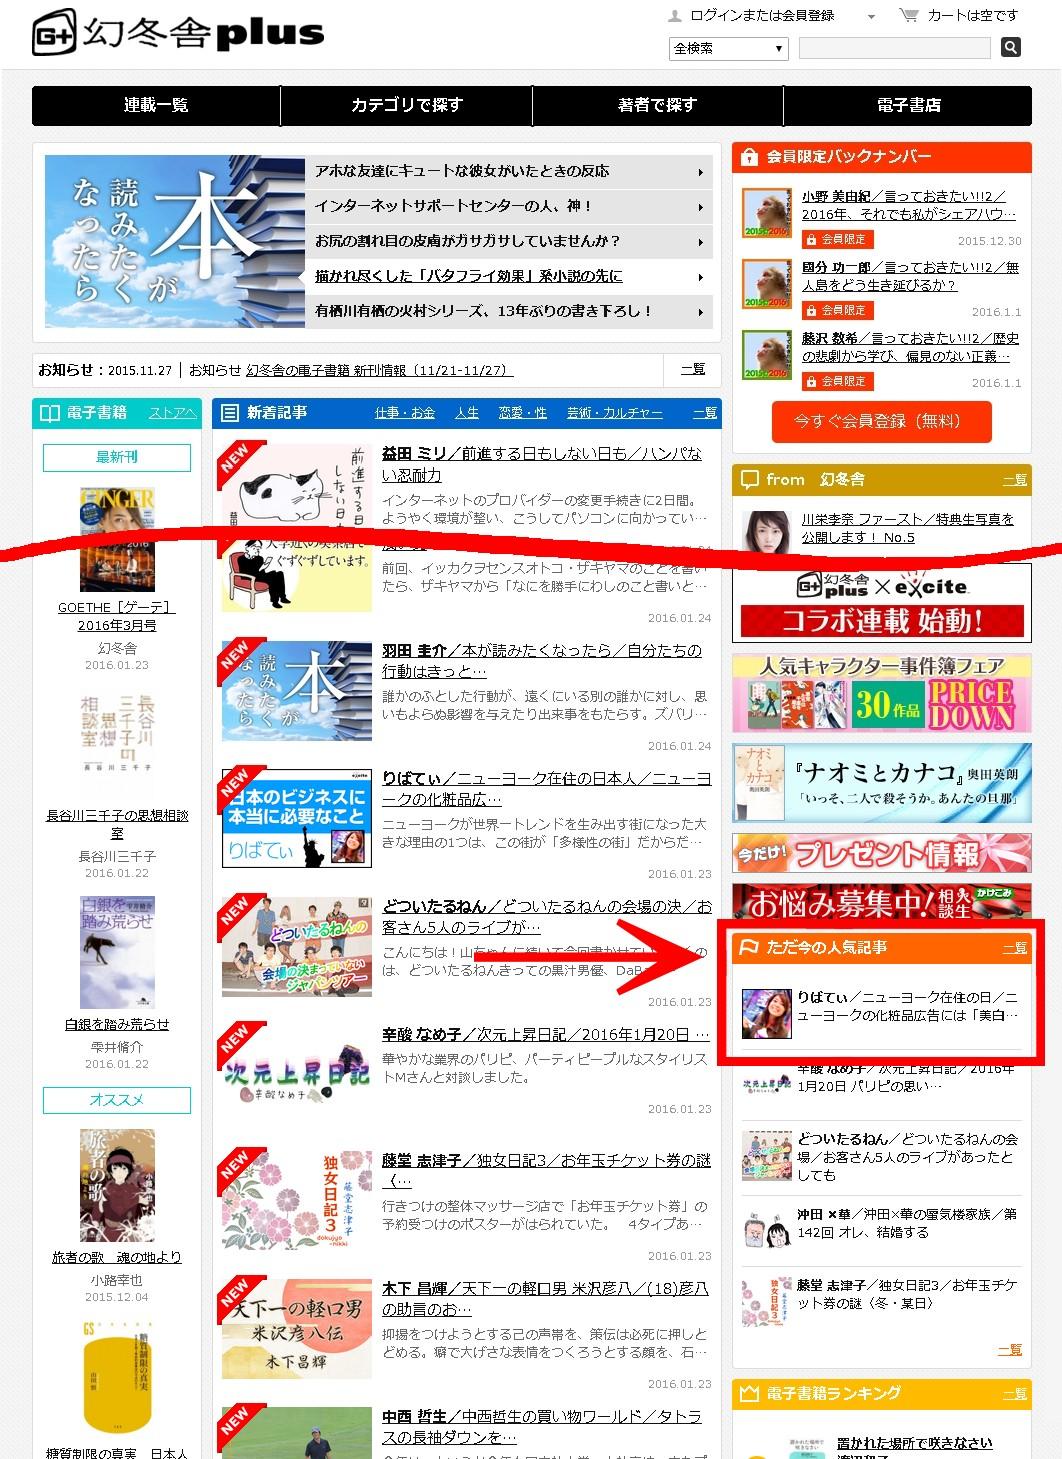 幻冬舎×エキサイトブログのコラボ企画「ニューヨークの化粧品広告には「美白」の文字がない!」_b0007805_926333.jpg